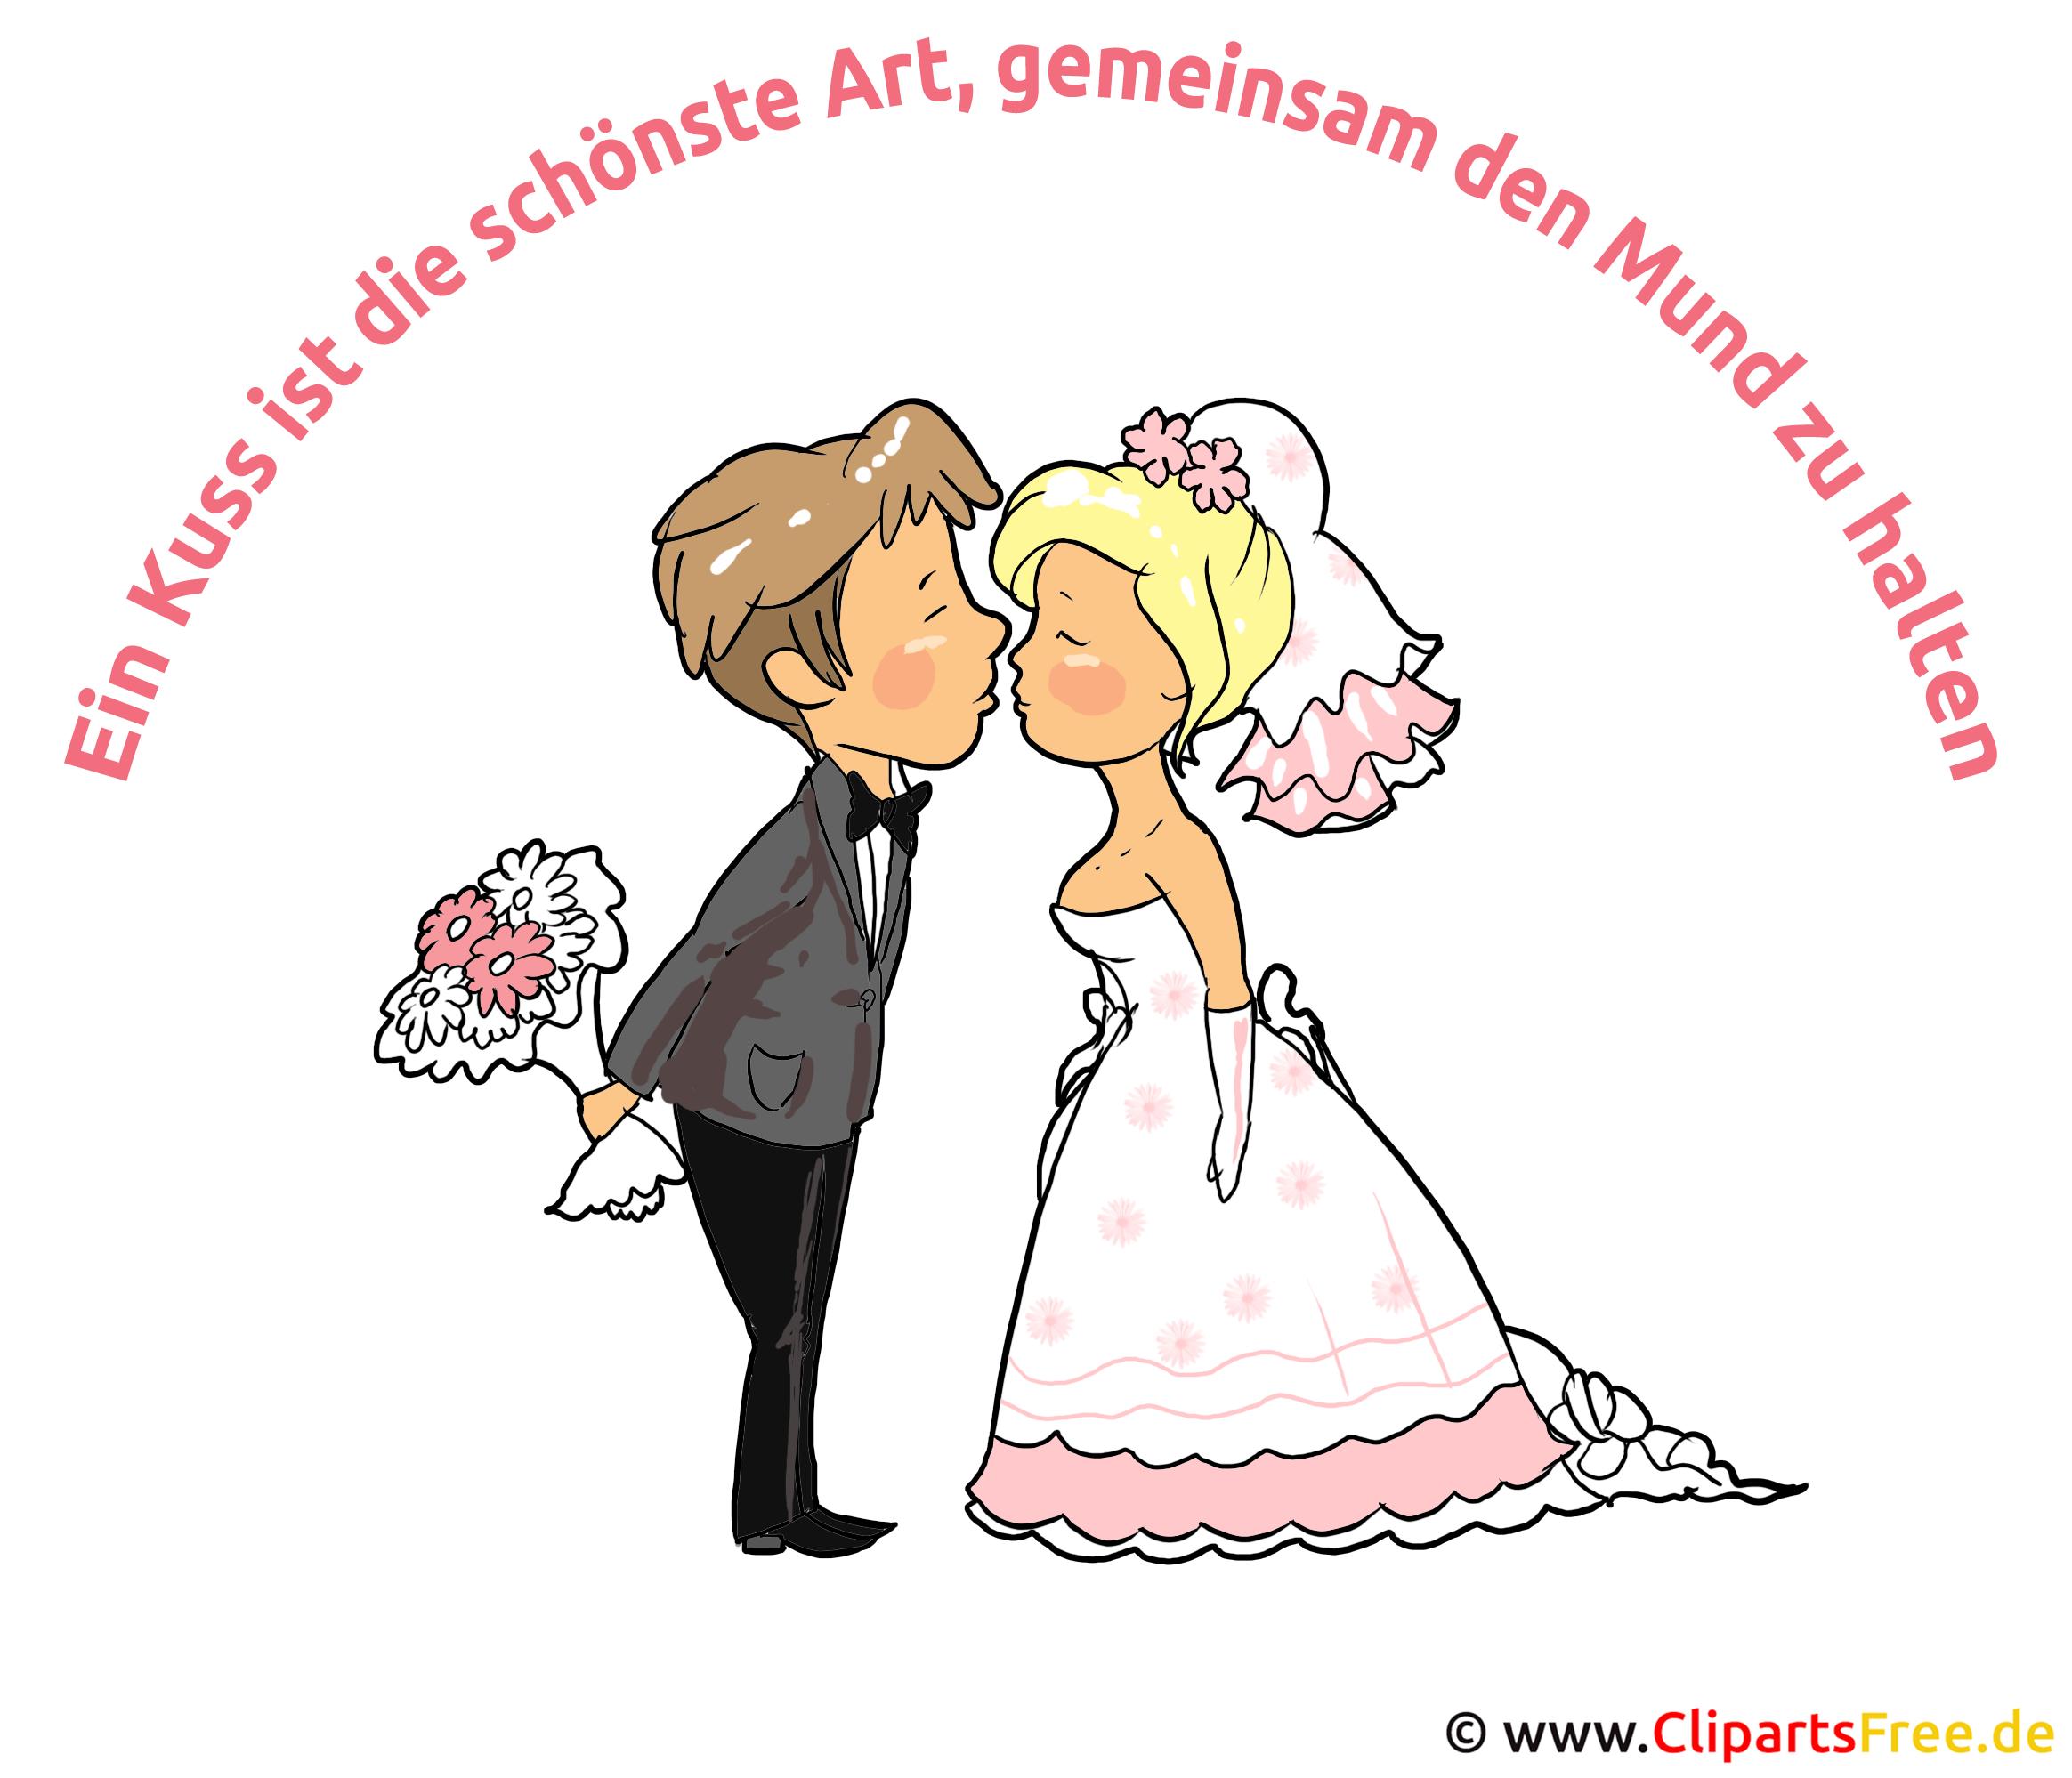 Hochzeit Spruch  Ein Kuss ist die schoenste Art